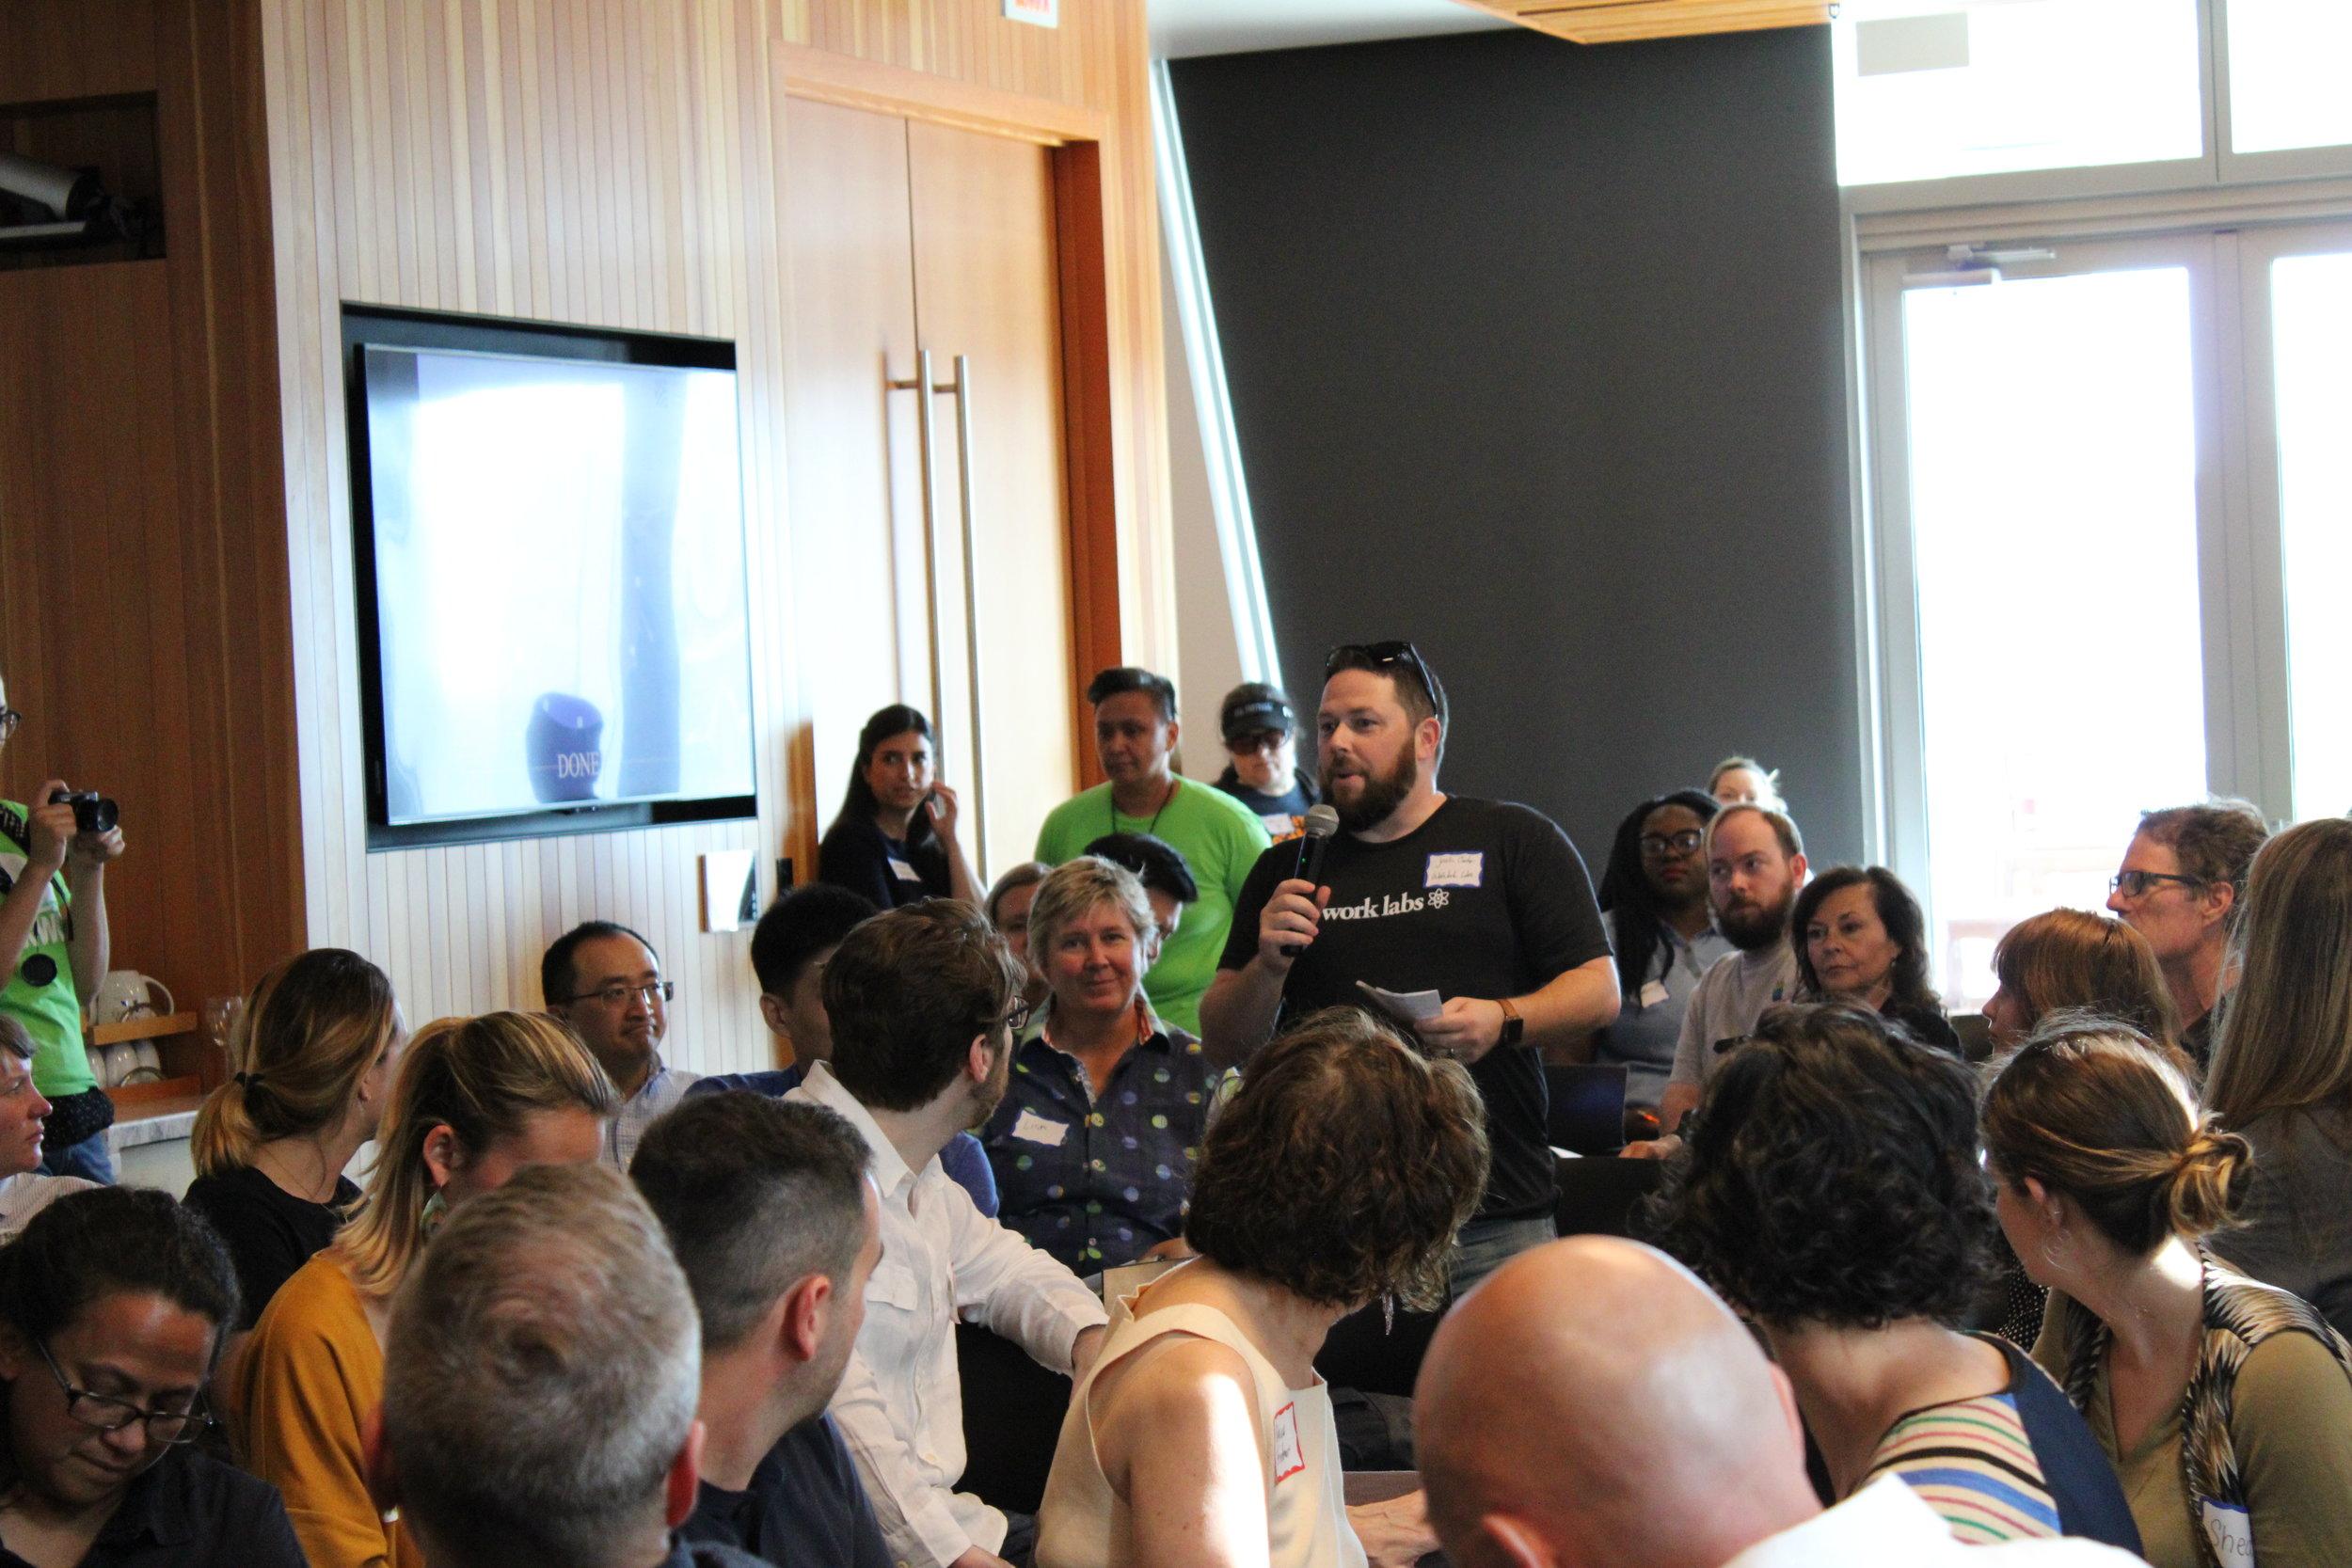 Audience member speaking into mic.JPG